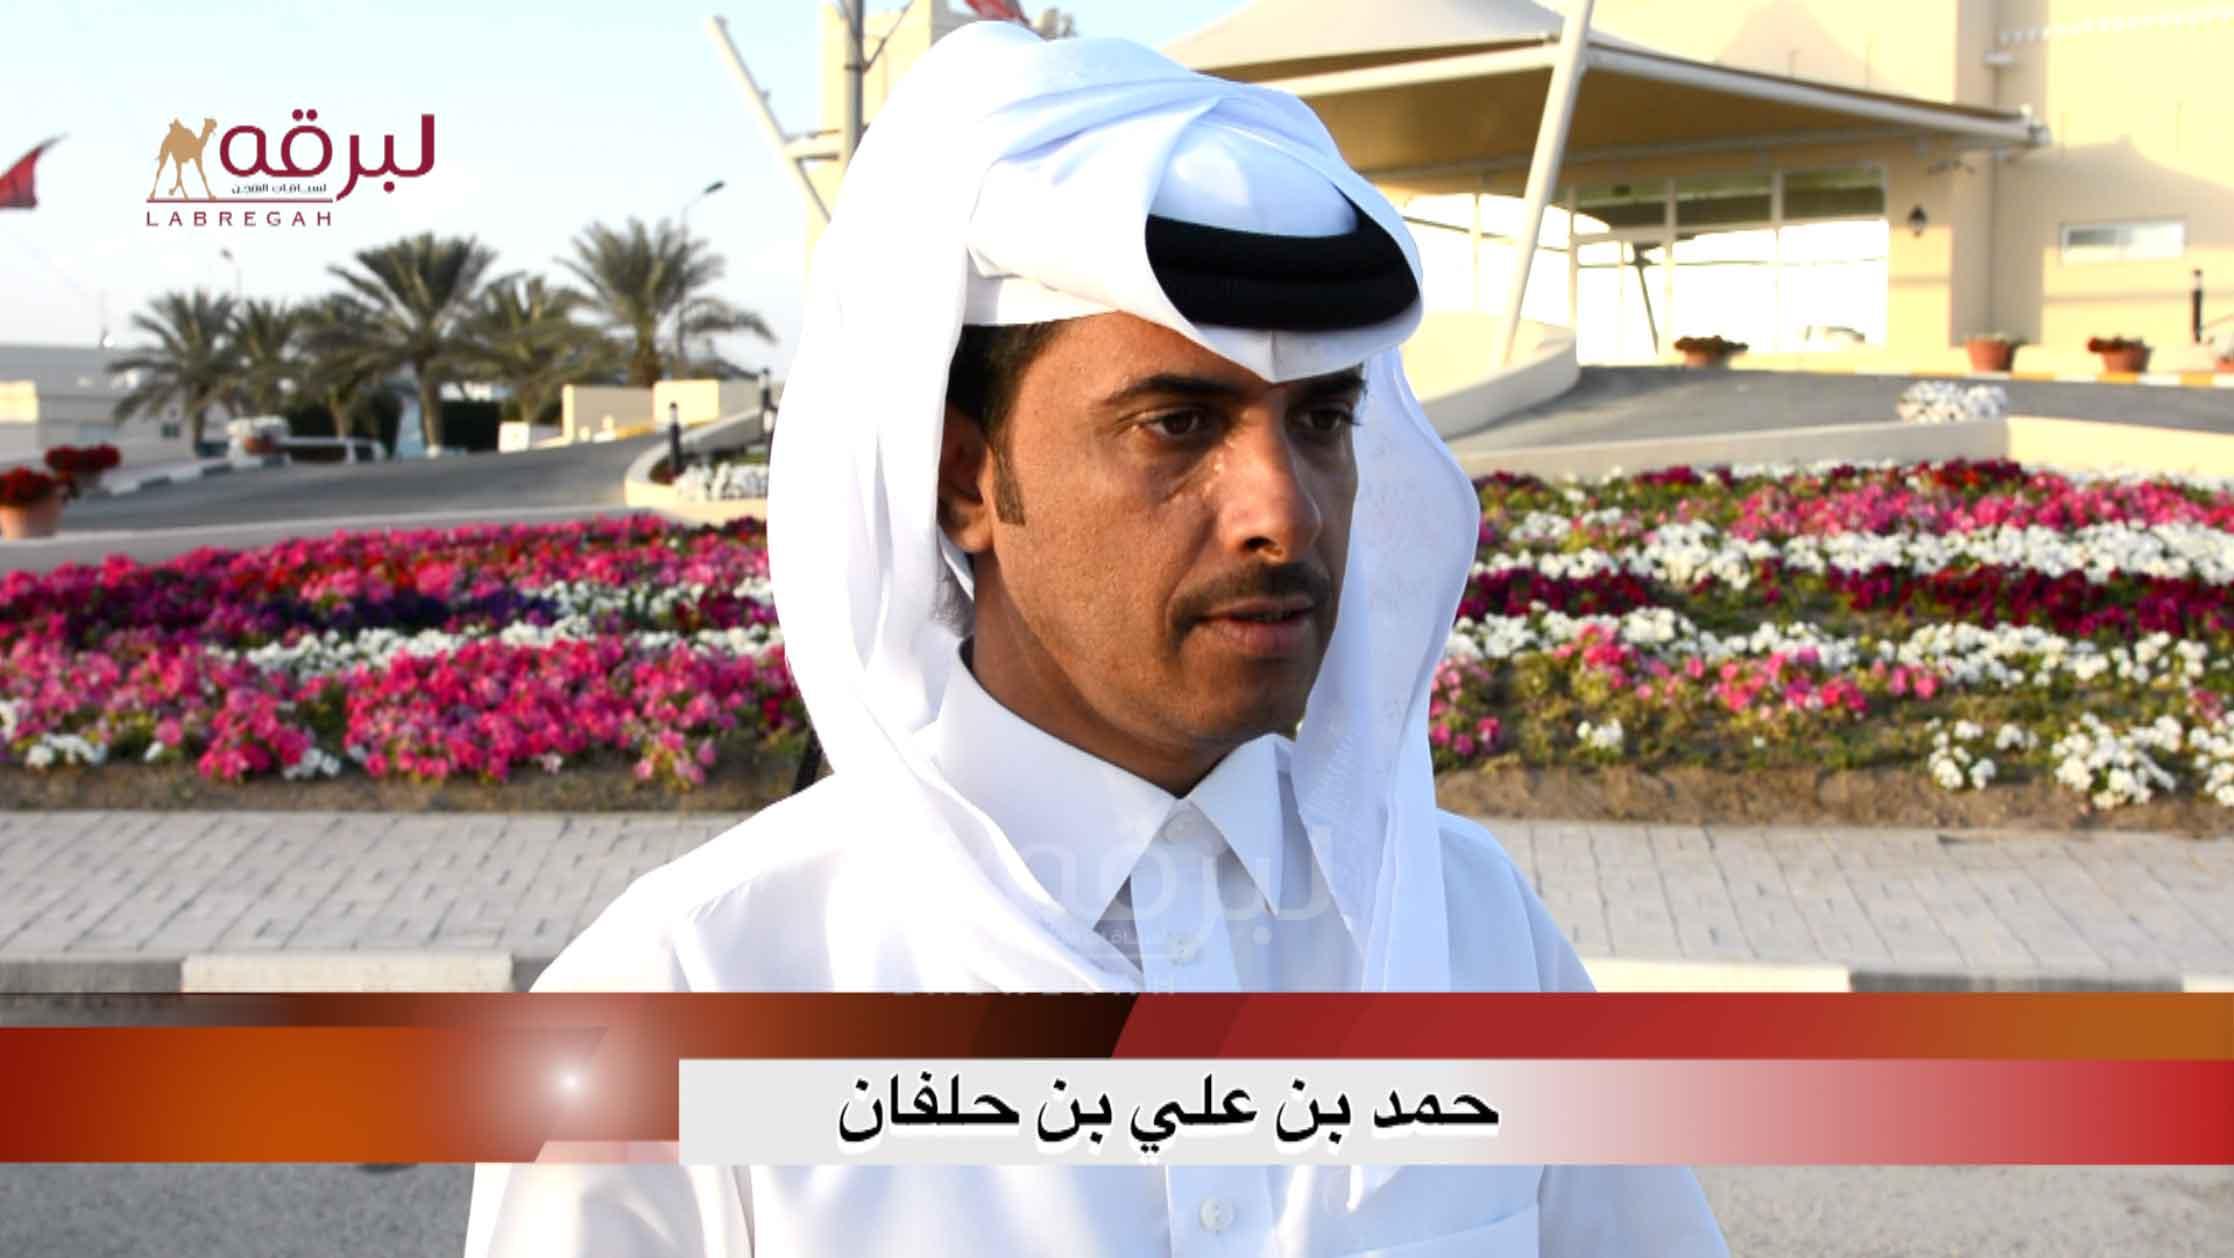 لقاء مع حمد بن علي بن حلفان.. الخنجر الذهبي زمول « مفتوح » الأشواط المفتوحة  ٢٧-١-٢٠٢١